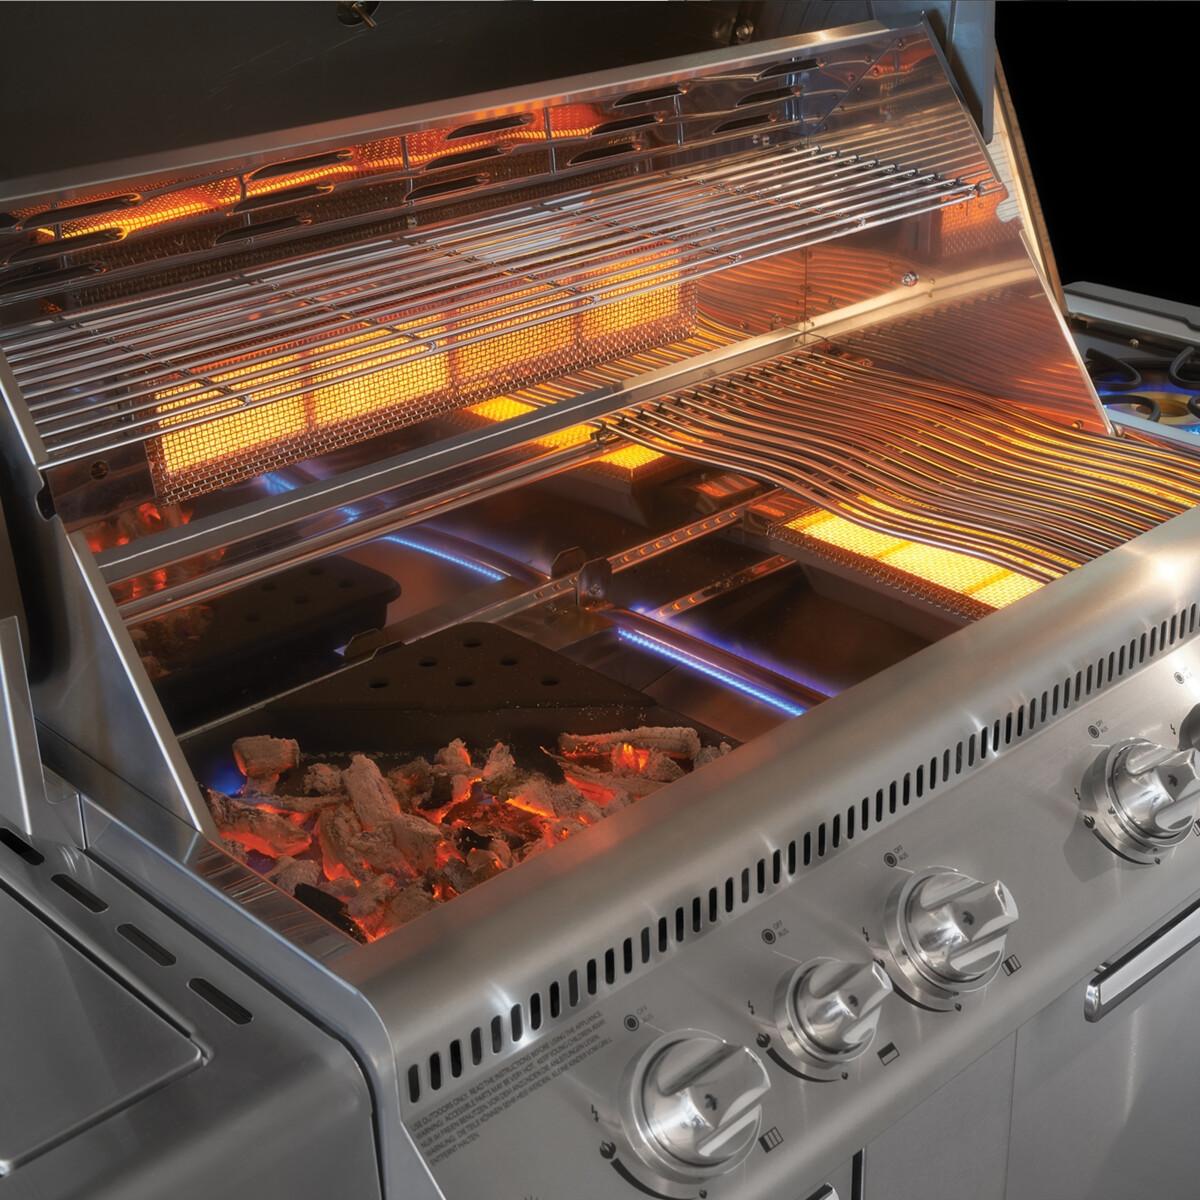 barbecue a gas napoleon lex730rsib napoleon barbecue a gas. Black Bedroom Furniture Sets. Home Design Ideas